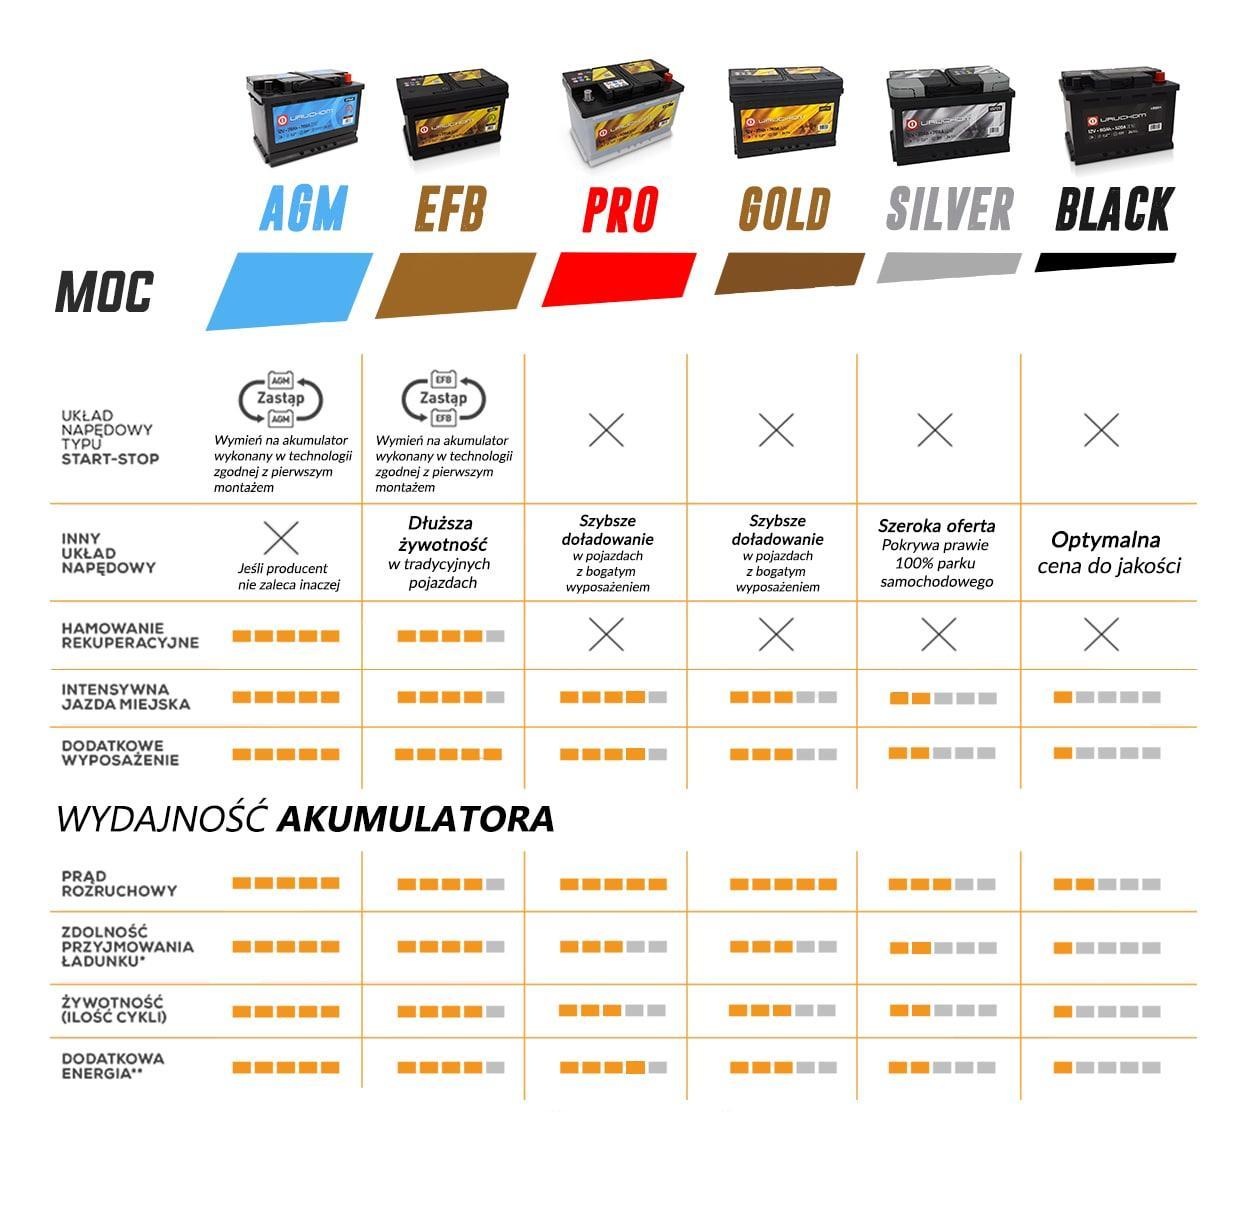 Porównanie akumulatorów Uruchom PRO